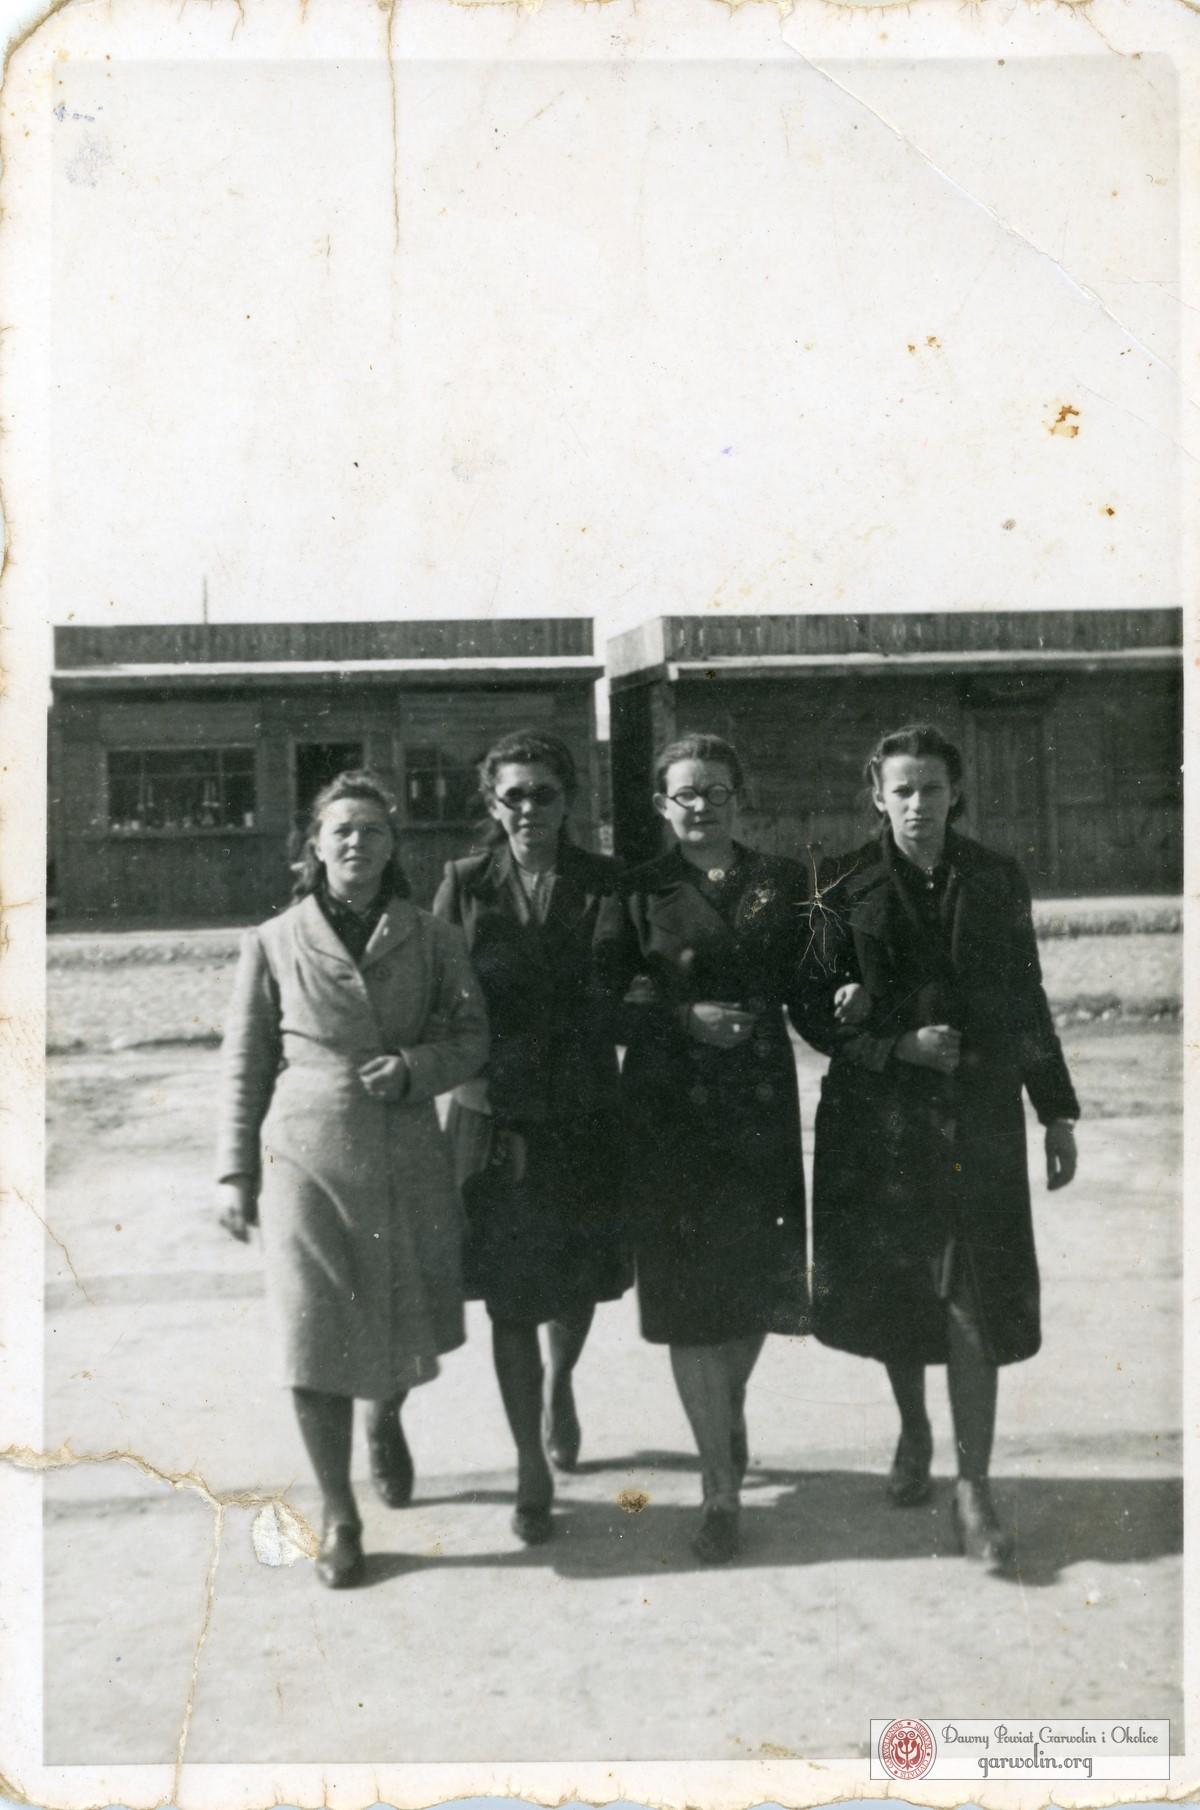 Kobiety przy budkach w centrum Garwolina